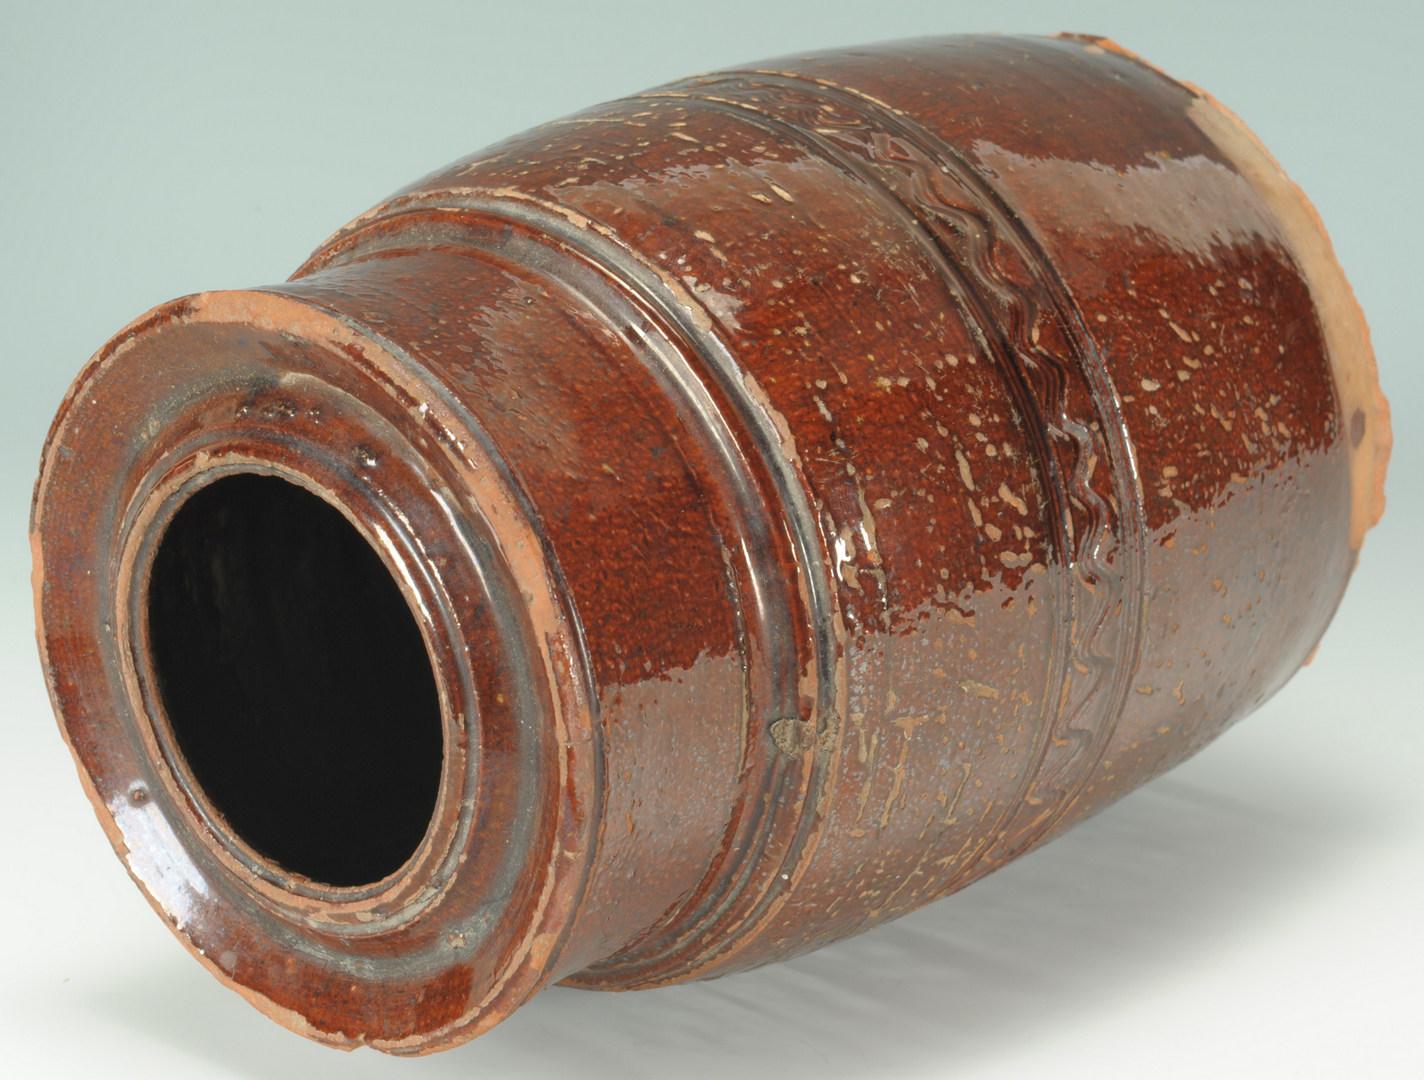 Lot 138: 2 East TN Redware jars, one sine wave, attrib. Cai